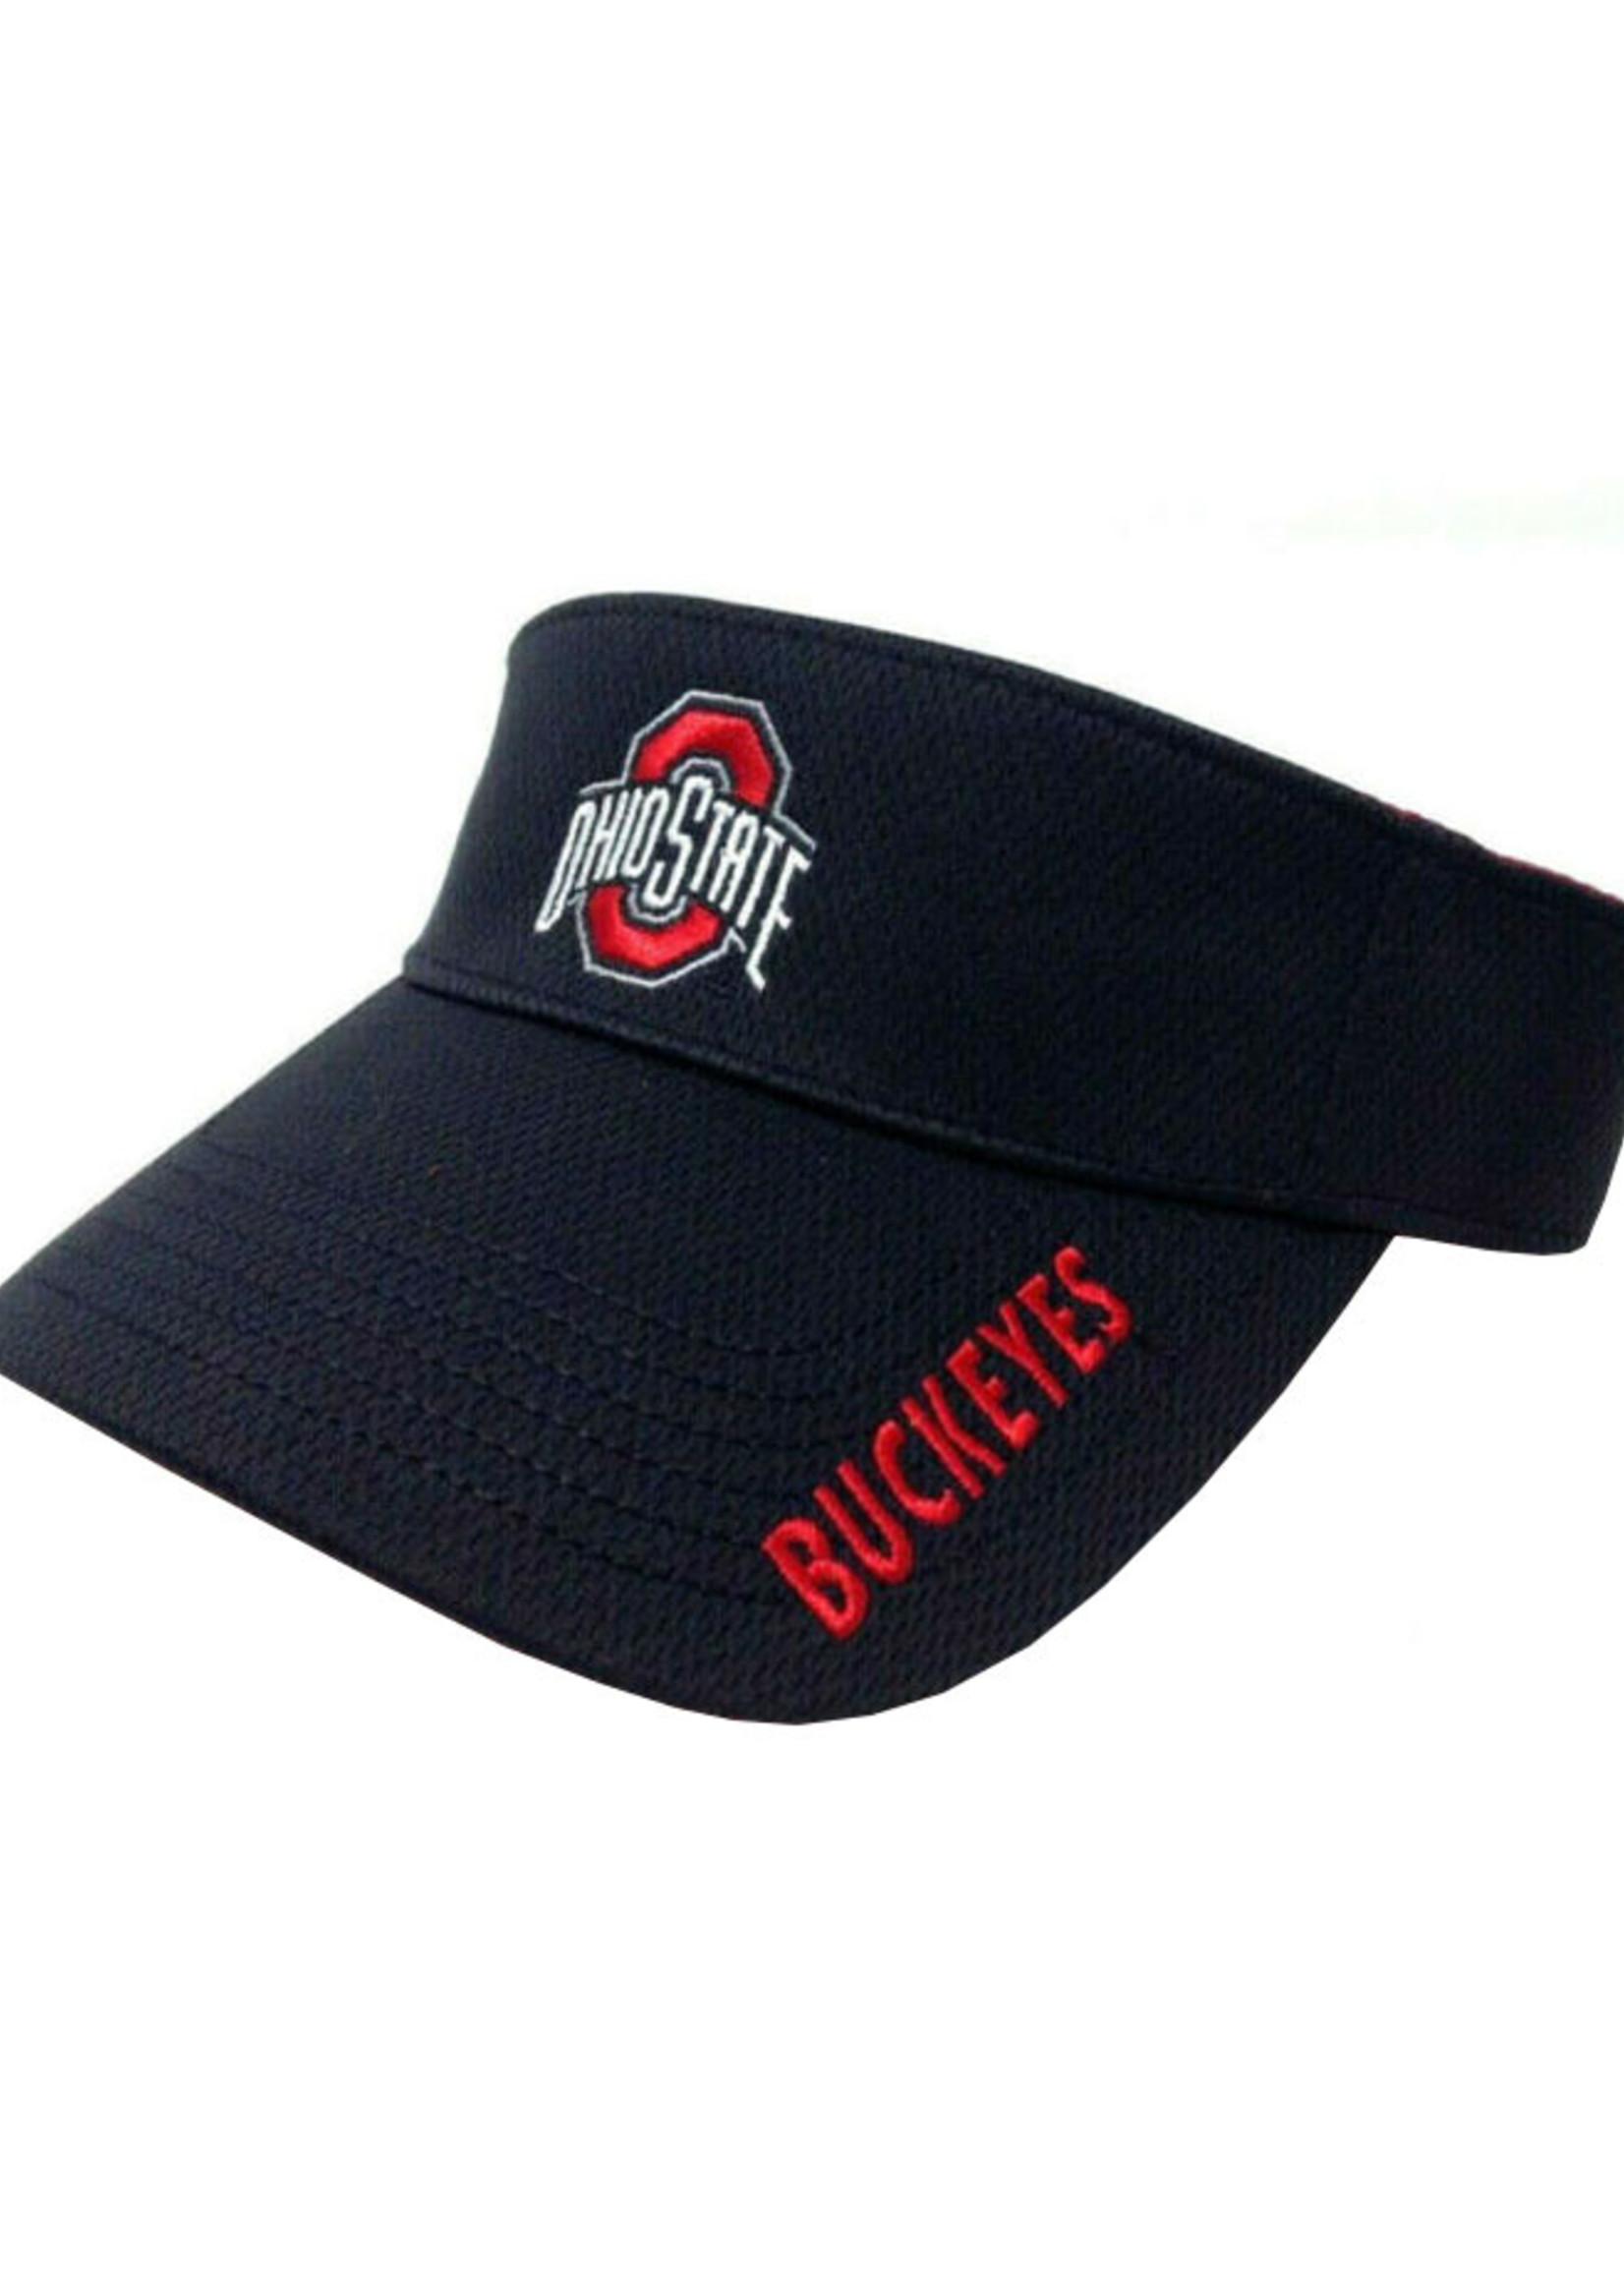 Ohio State Buckeyes Black Adjustable Visor